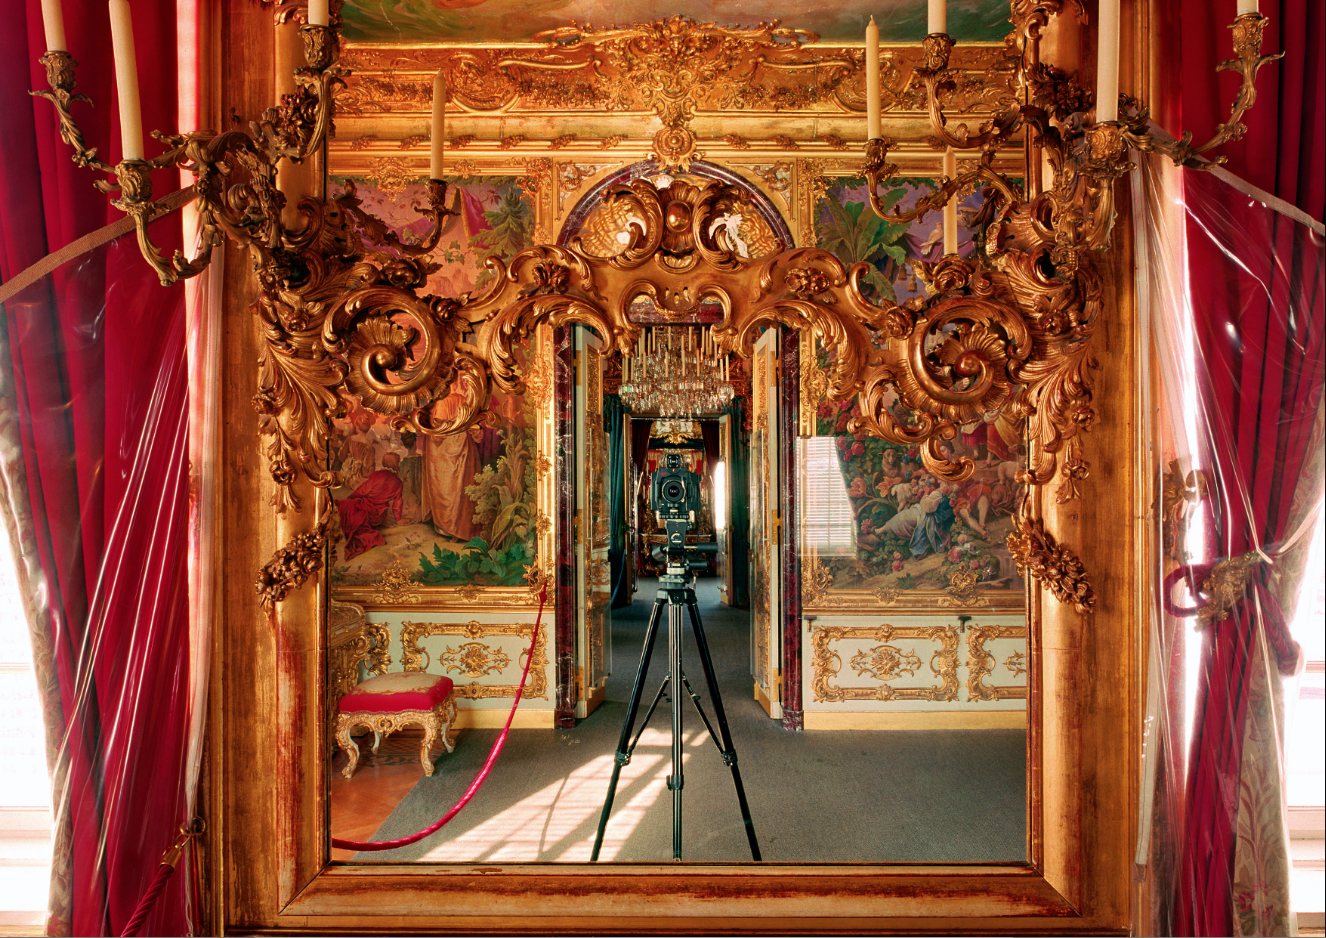 Die Photographien von Alexander Timtschenko sind Interpretationen vertrauter, bereits vielfach dargestellter und dokumentierter Welten, die sich längst in unserem kollektiven Gedächtnis befinden und unsere Wahrnehmung von Wirklichkeit beherrschen. Seine Bilder verwandeln moderne Metropolen in berauschende Farbarchitekturen. Szenarien in Palästen und Museen werden zu einer lebendigen Zeitreise. Und die kulissenhaften Kopien europäischer Baudenkmäler, etwa in Las Vegas, entsprechen auf seinen Aufnahmen exakt unserer idealisierten und stereotypen Vorstellung des Ortes und erscheinen uns gerade deshalb so real. In seiner aktuellen Ausstellung präsentiert Timtschenko in der Galerie REYGERS eine Bildserie, die sich mit den Innenräumen der Schlösser von König Ludwig II. auseinandersetzt. Die Kompositionen der Photoarbeiten, die angewandten Techniken der Langzeitbelichtung und der extremen Farbsättigung reflektieren dabei die Vorliebe des bayerischen Monarchen für Pracht und Opulenz. Die schemenhaften Gestalten der zeitgenössischen Besucher, die Reflexionen von Glas und Licht sowie die immer wieder abgebildete Kamera des Künstlers kreieren andererseits eine deutliche Zeitbezogenheit.